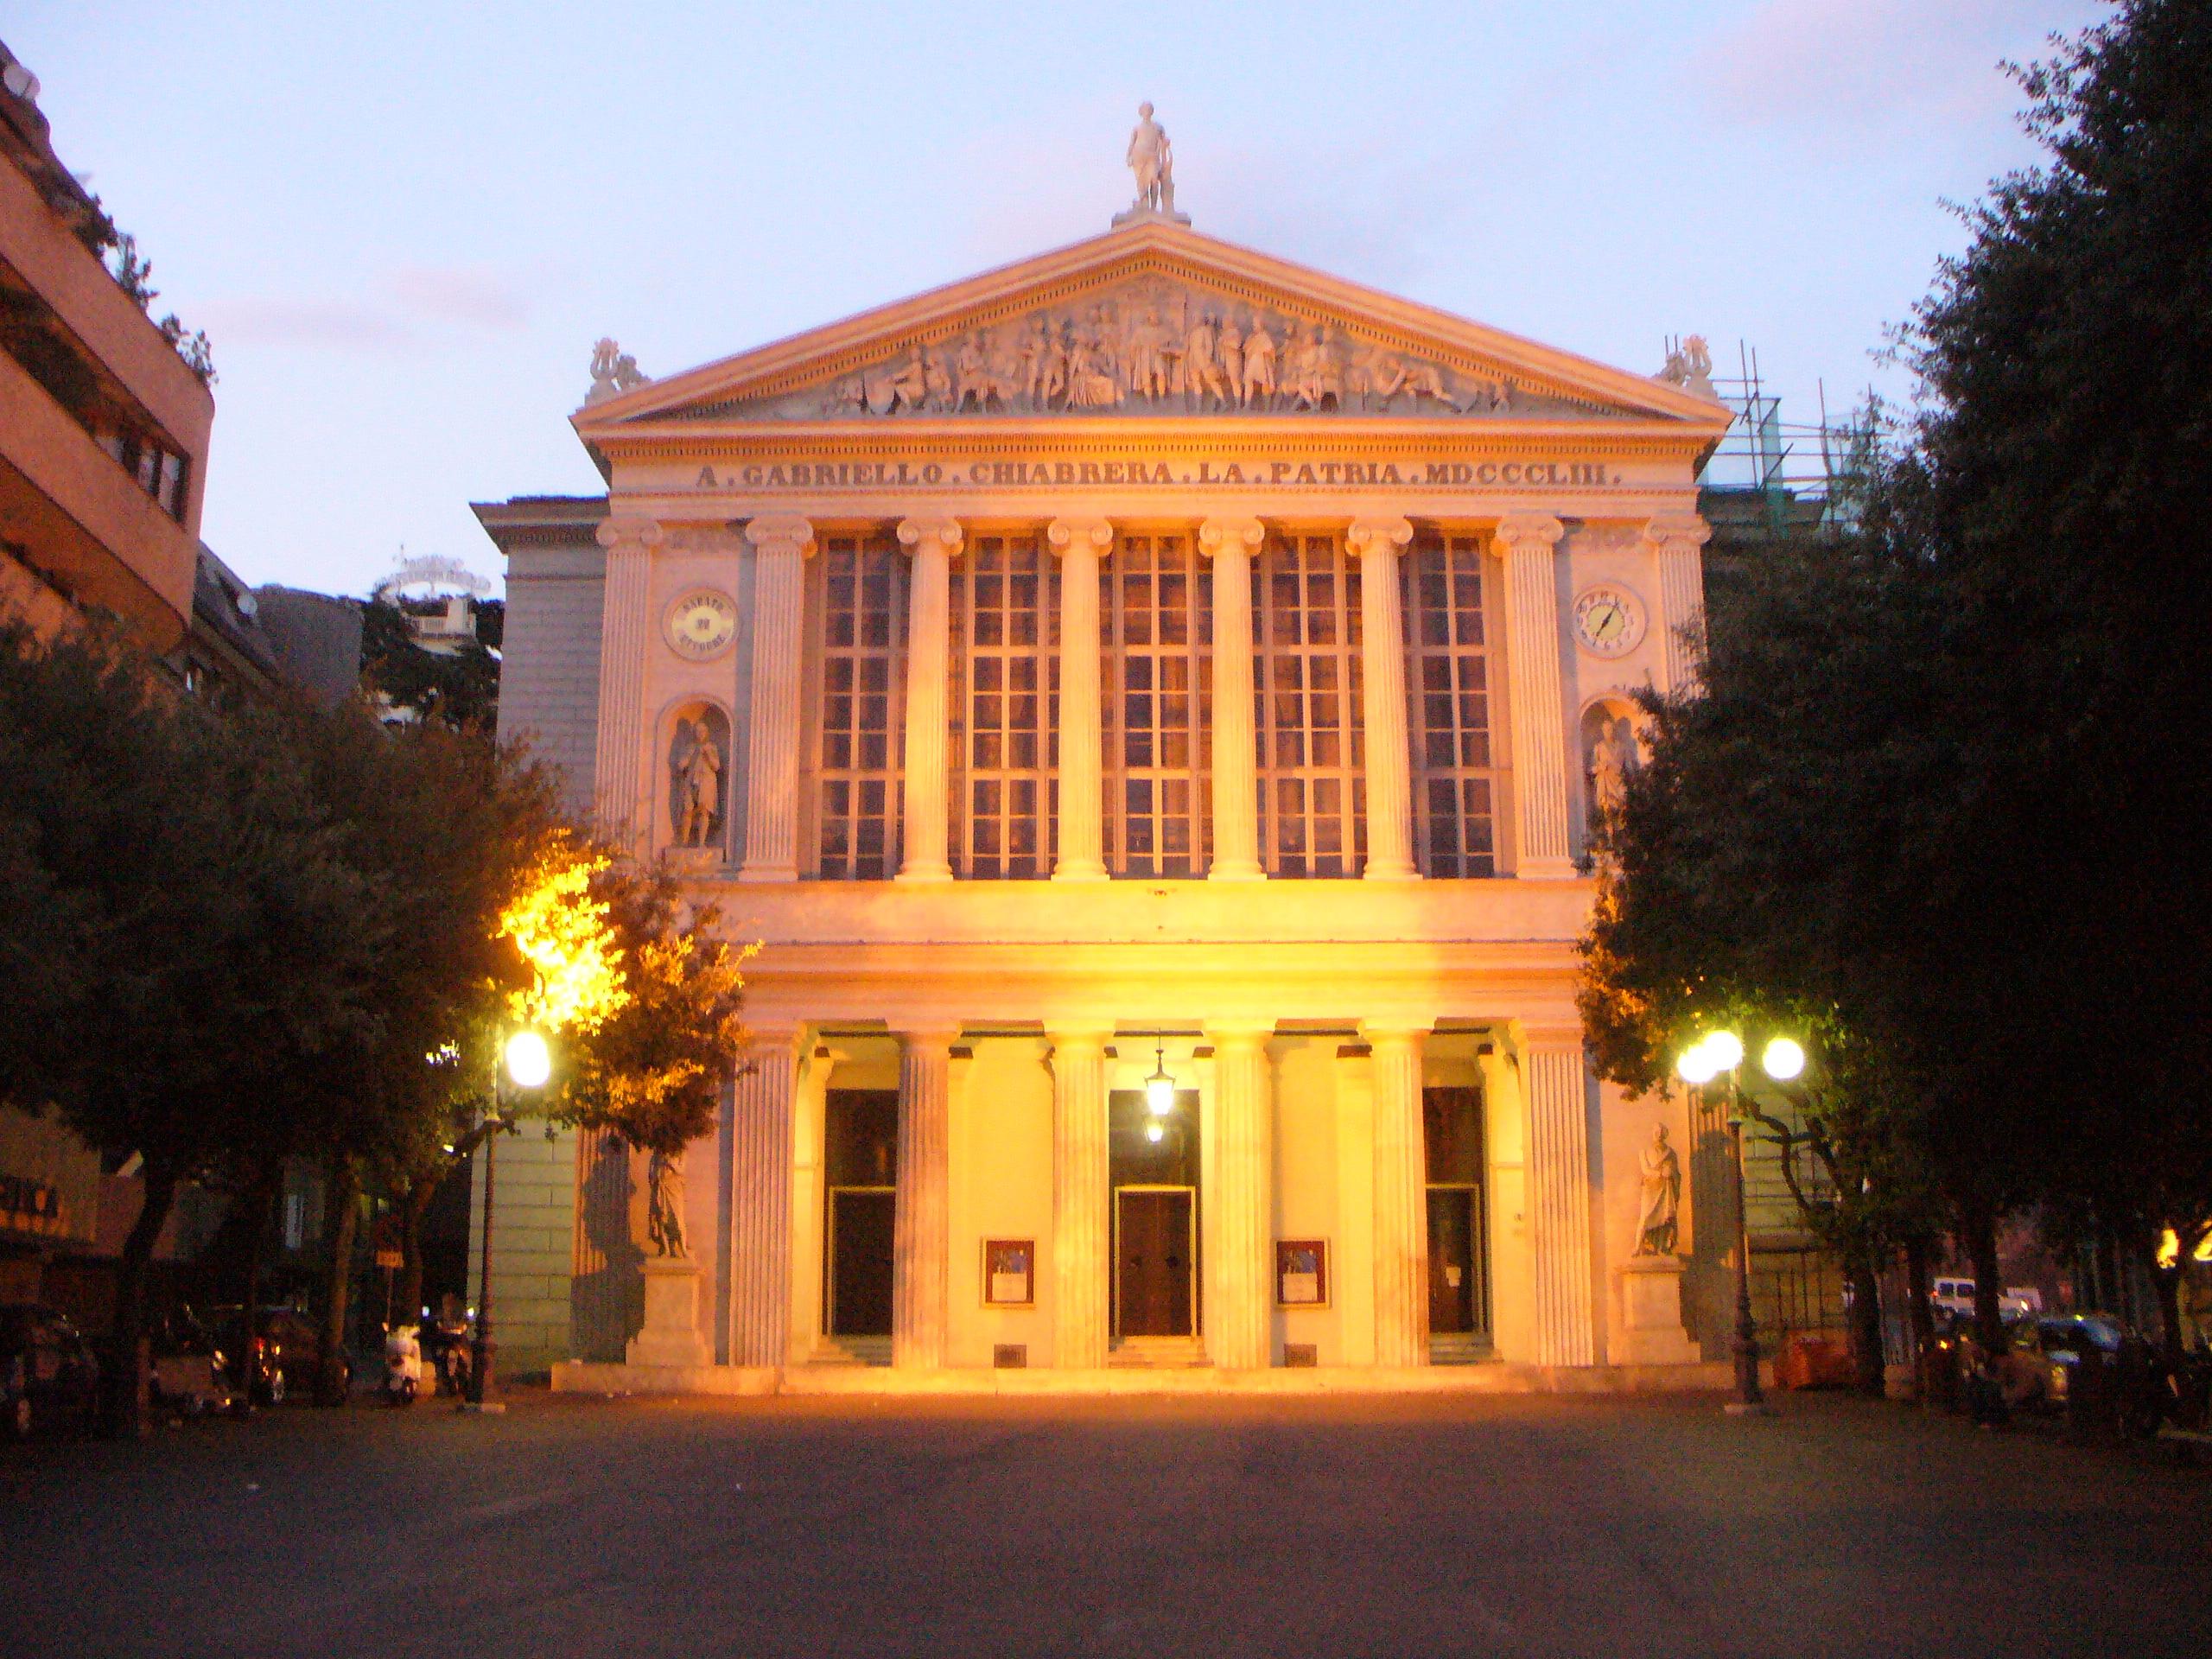 Architetti Savona Elenco teatro gabriello chiabrera - wikipedia